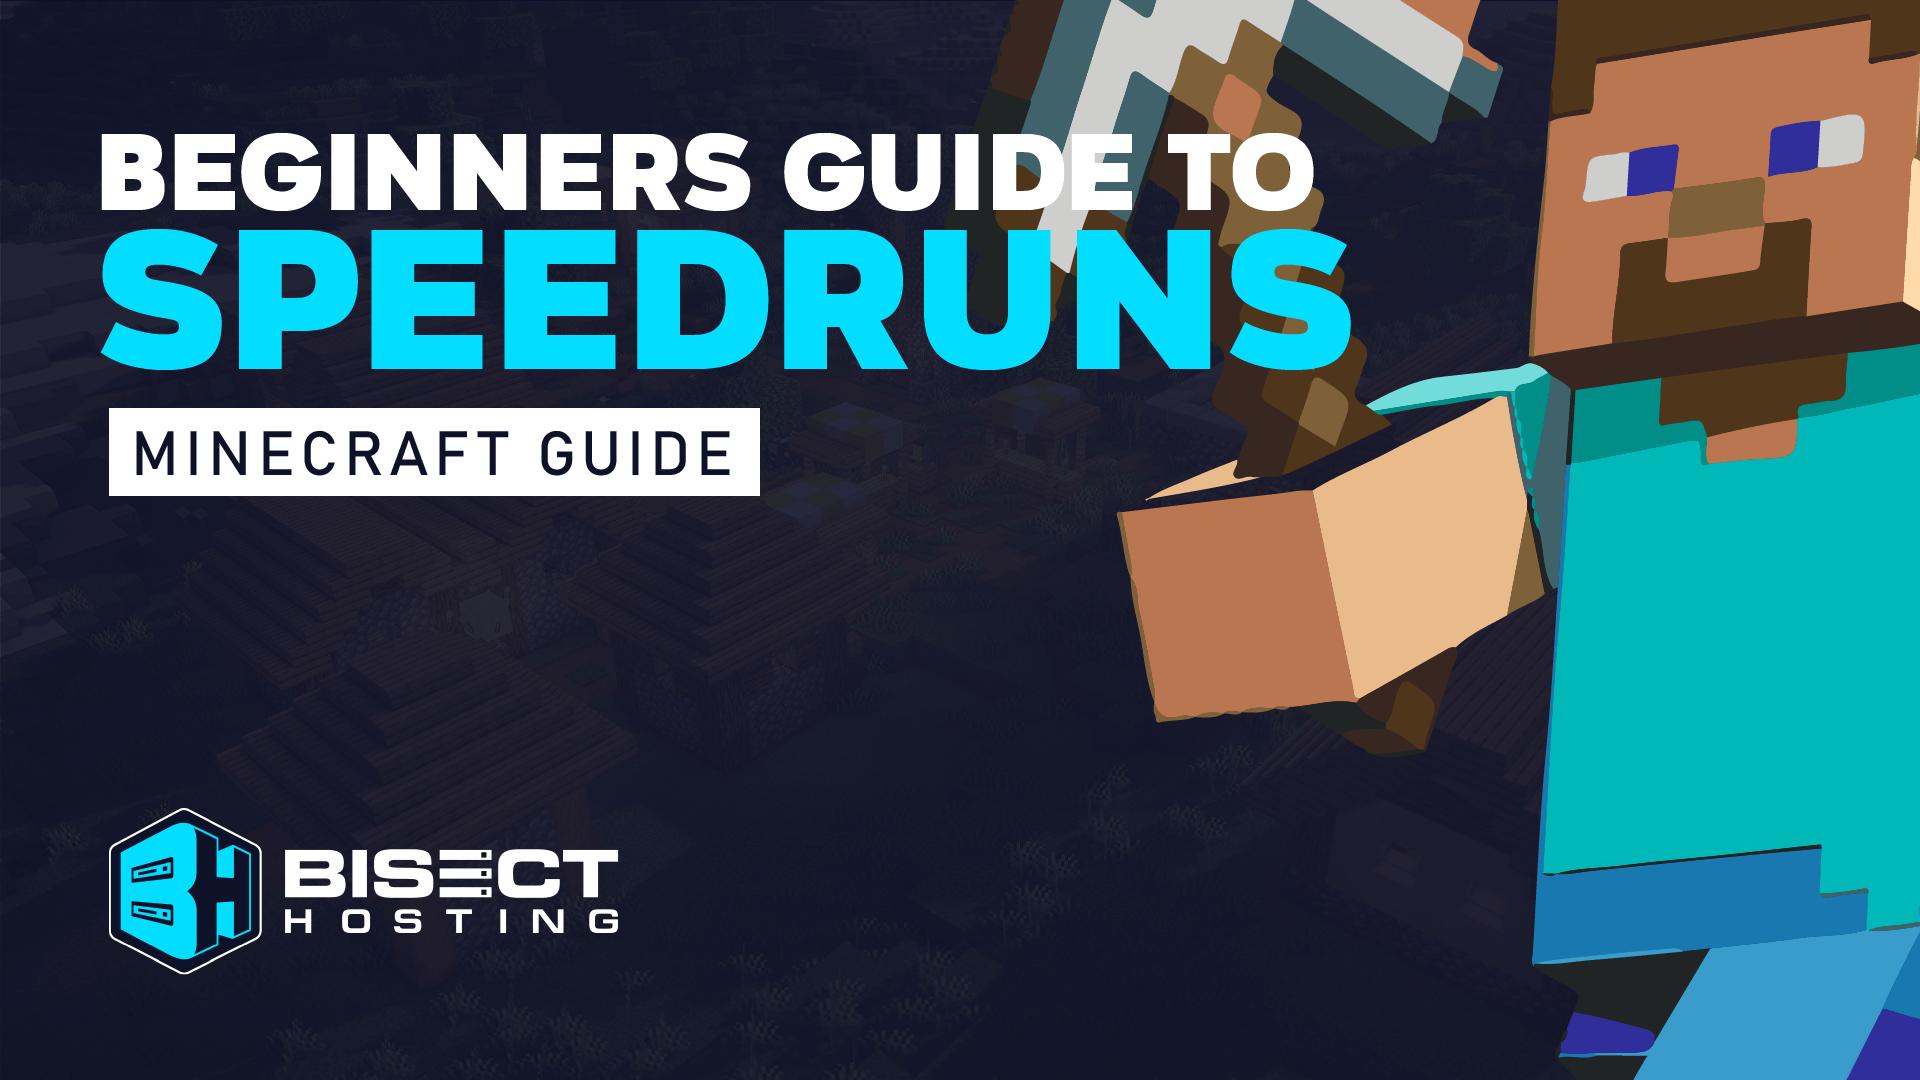 Beginners Guide to Speedruns: Minecraft 1.17